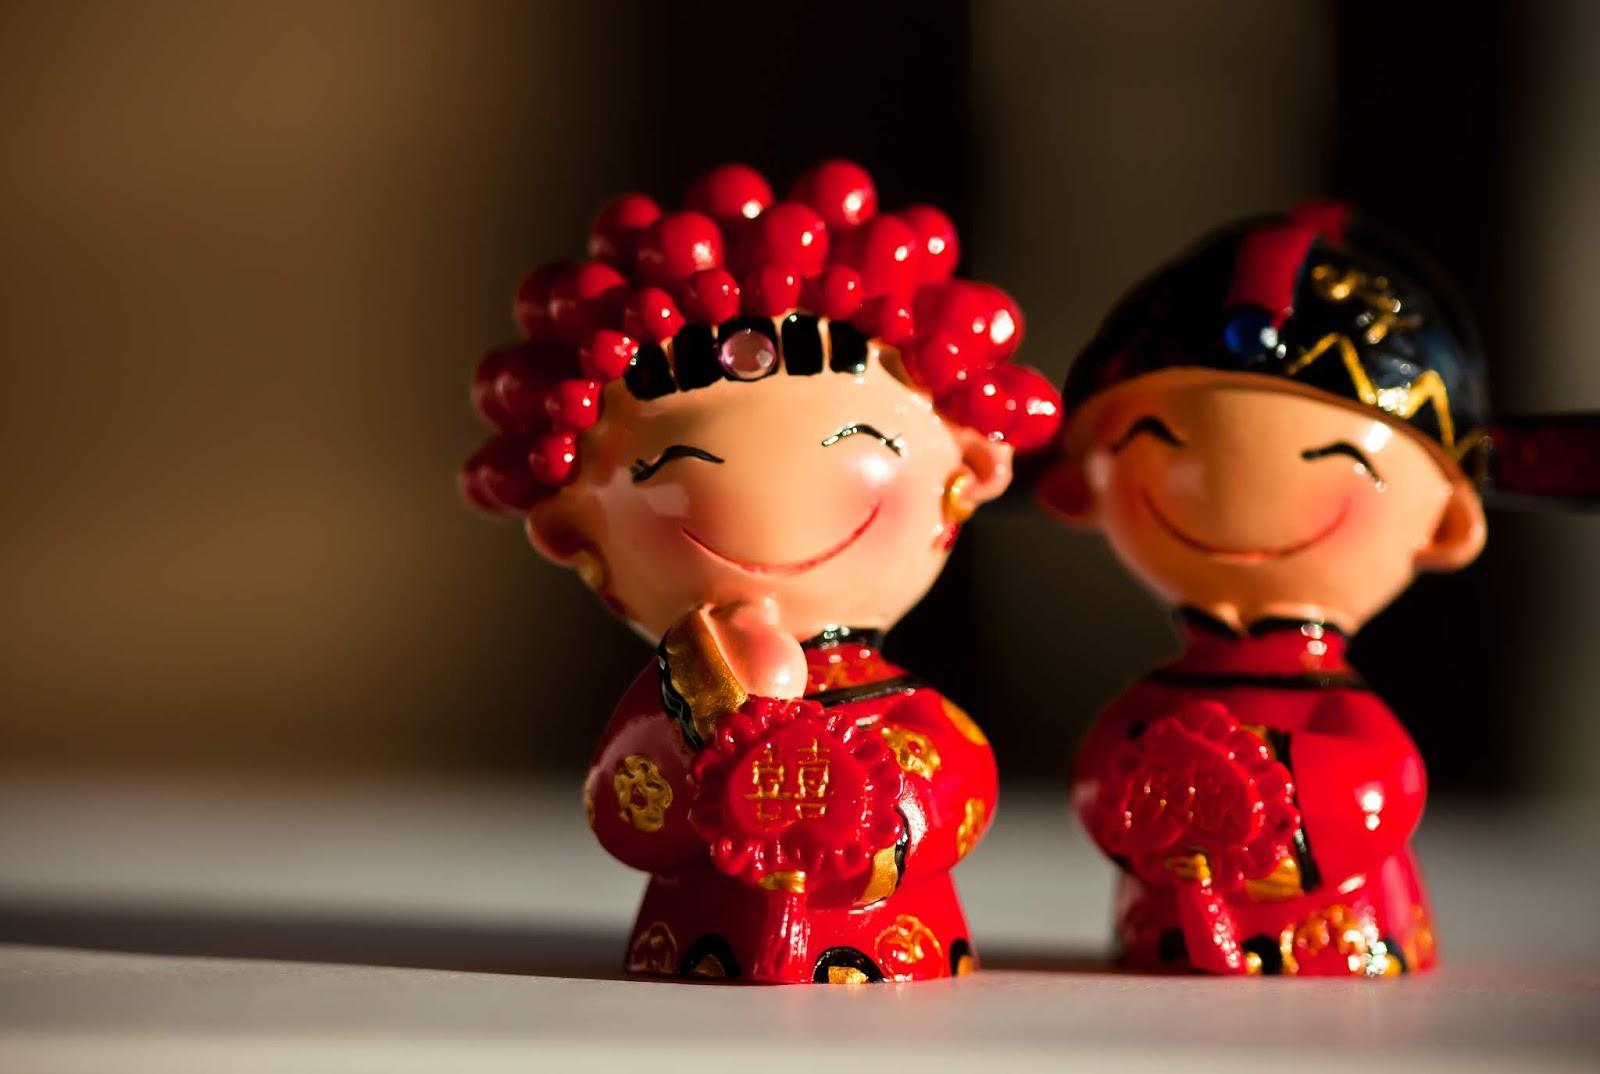 Superstições chinesas - bonecos feminino e masculino representando um casamento chinês com roupas tradicionais vermelhas